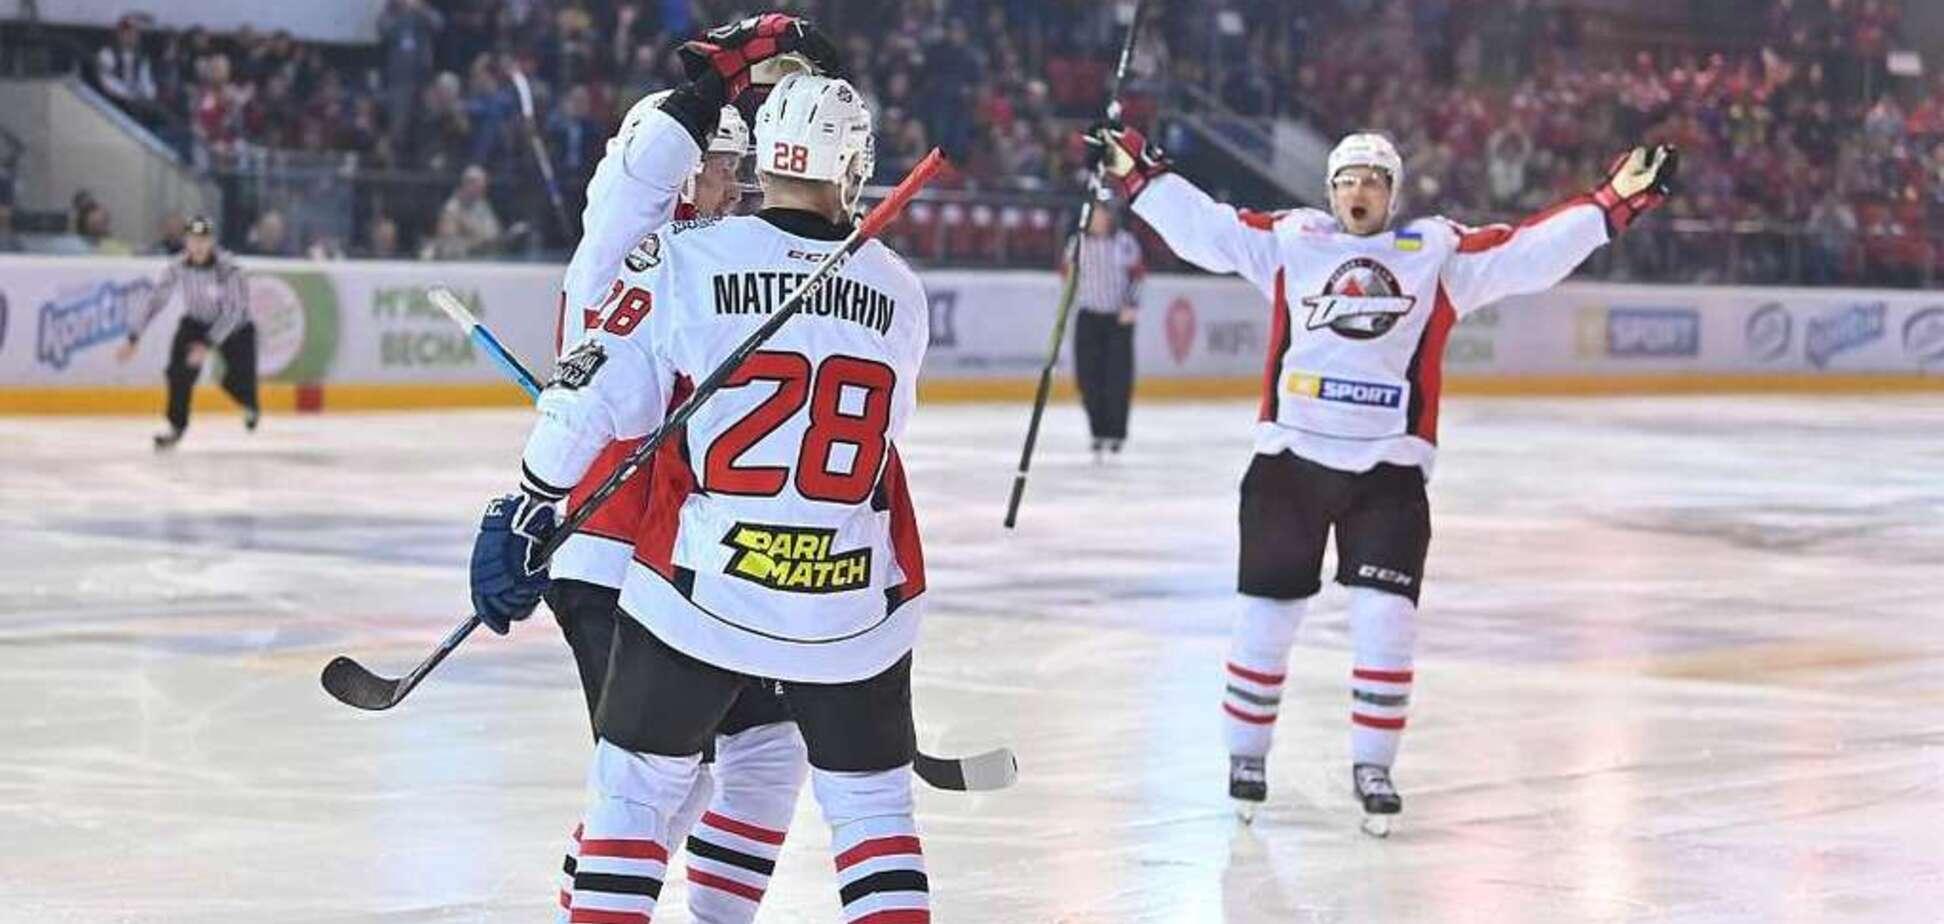 ХК 'Донбасс' вышел в полуфинал Континентального кубка